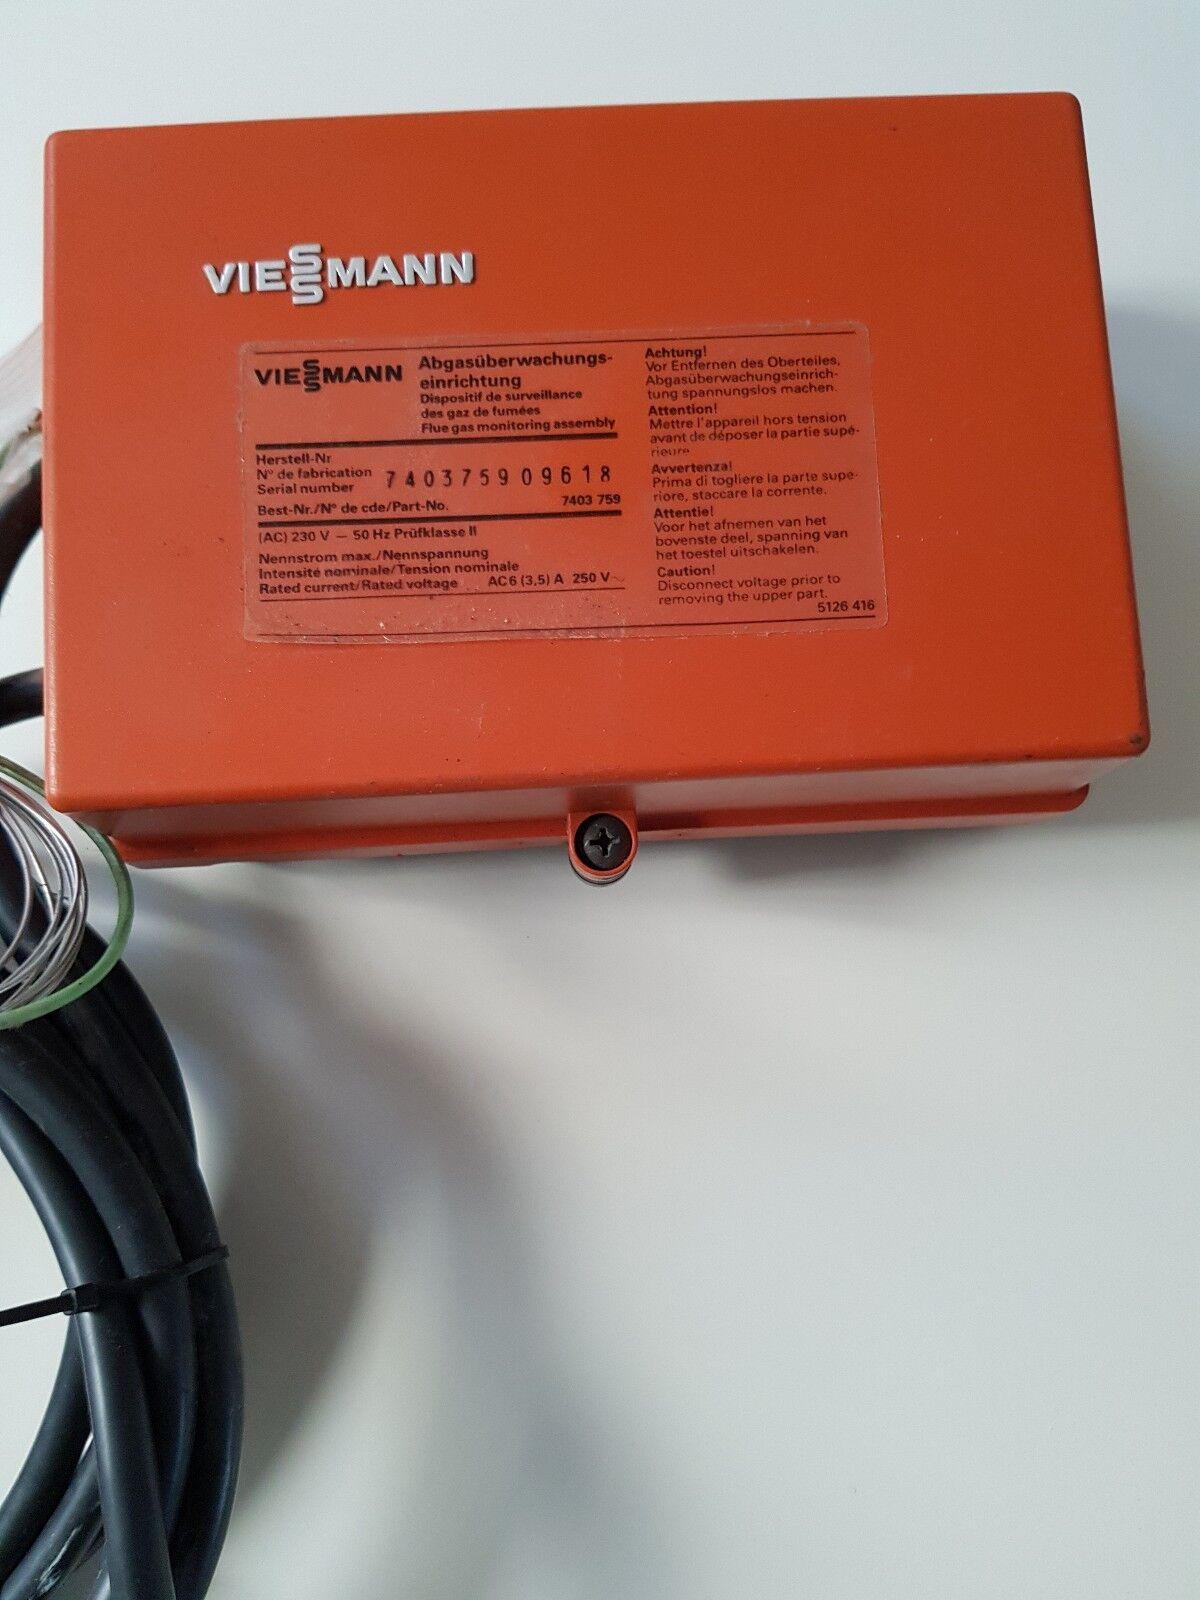 Viessmann 7403 759 - Abgasüberwachungs-einrichtung - 7403759 - Abgasüberwachung Abgasüberwachung Abgasüberwachung 89fa6f